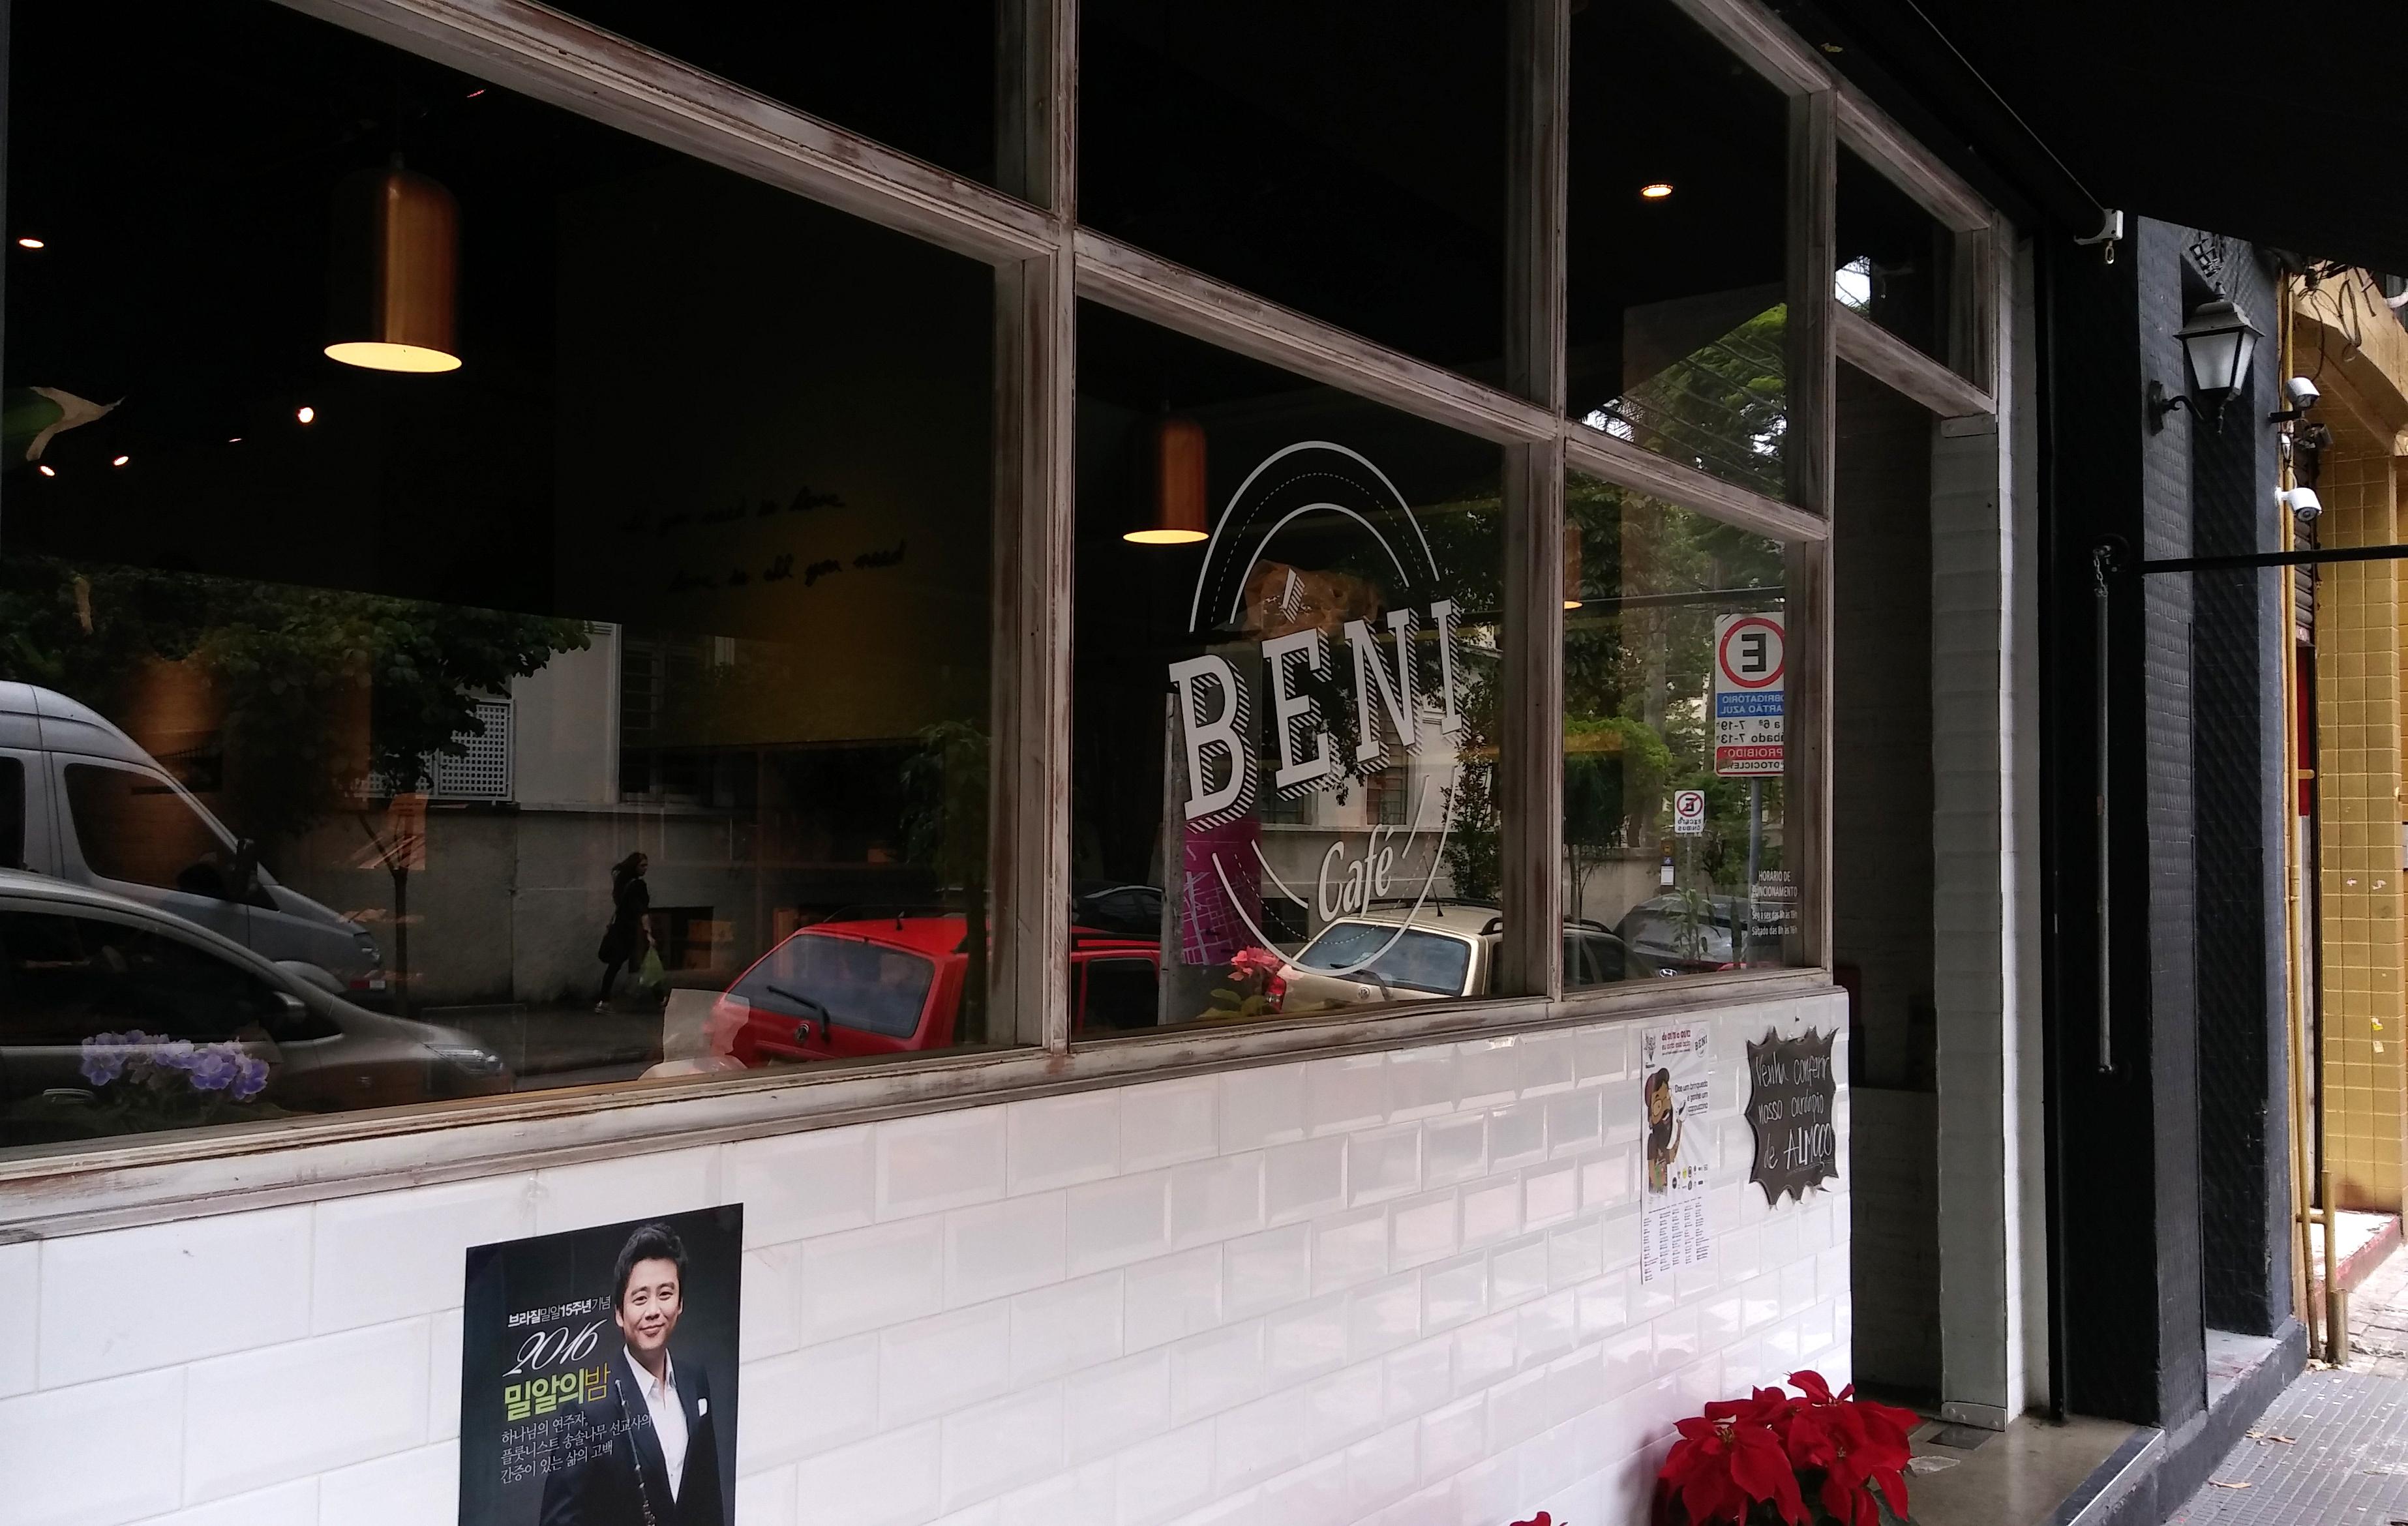 Béni Café: Mais uma Boa Cafeteria do Bom Retiro